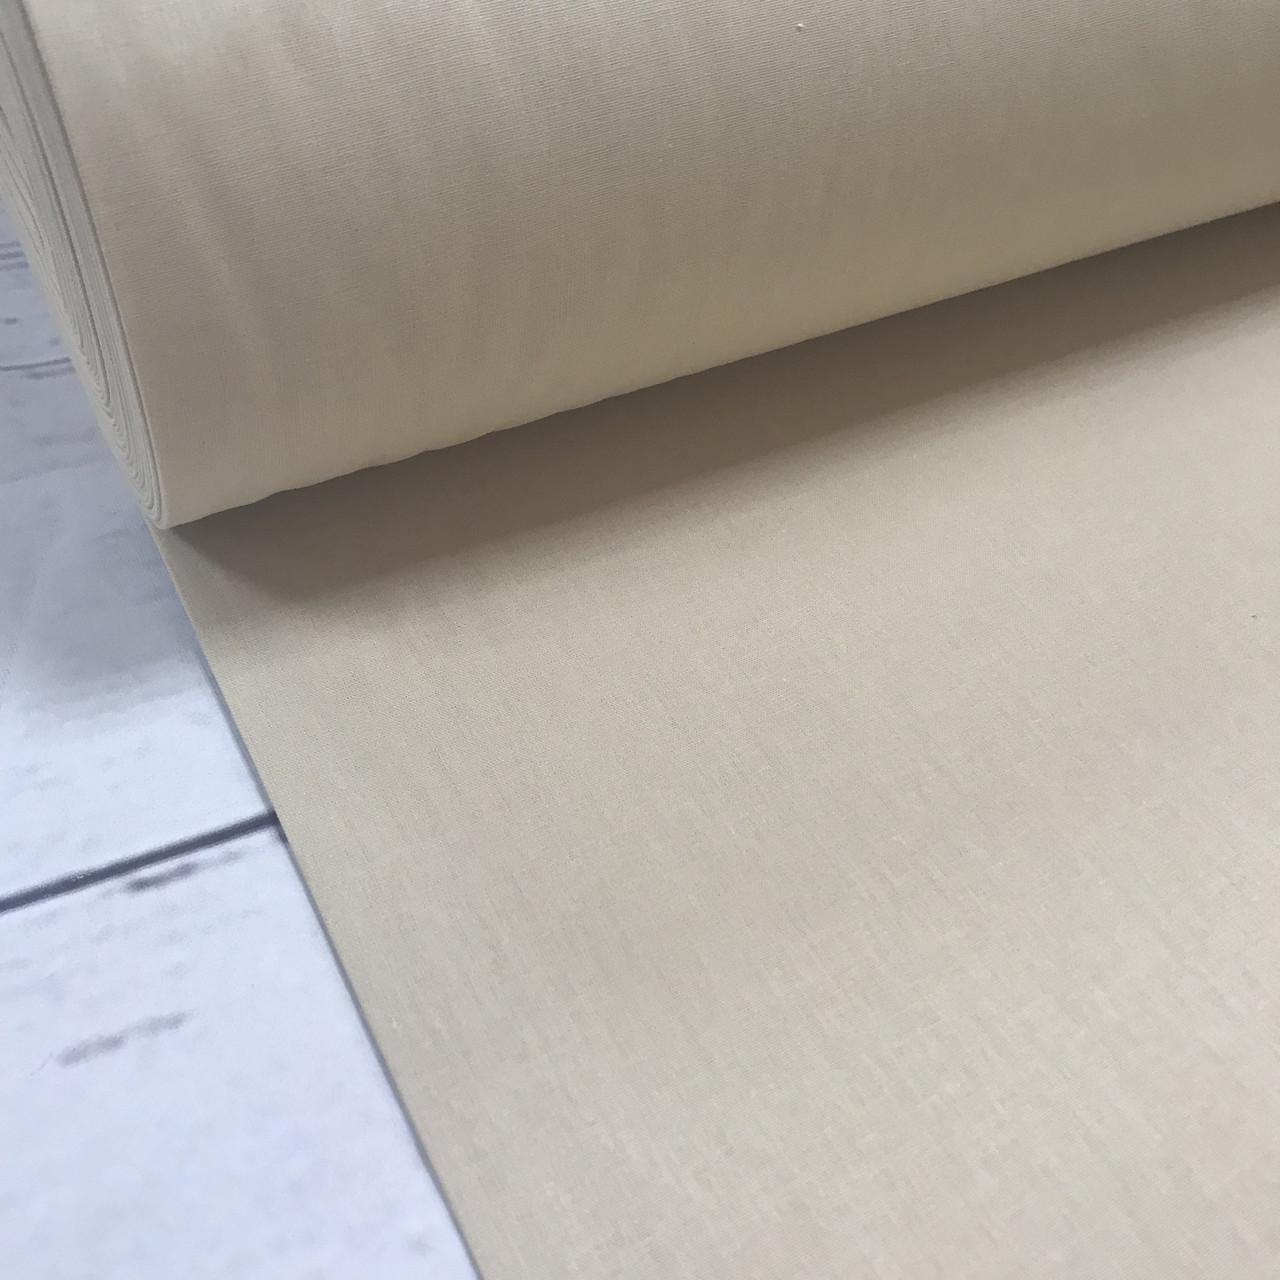 Ткань поплин De Luxe, однотонный песочно-бежевый (Турция шир. 2,4 м) №32-12b ОТРЕЗ( 0,6*2,4)